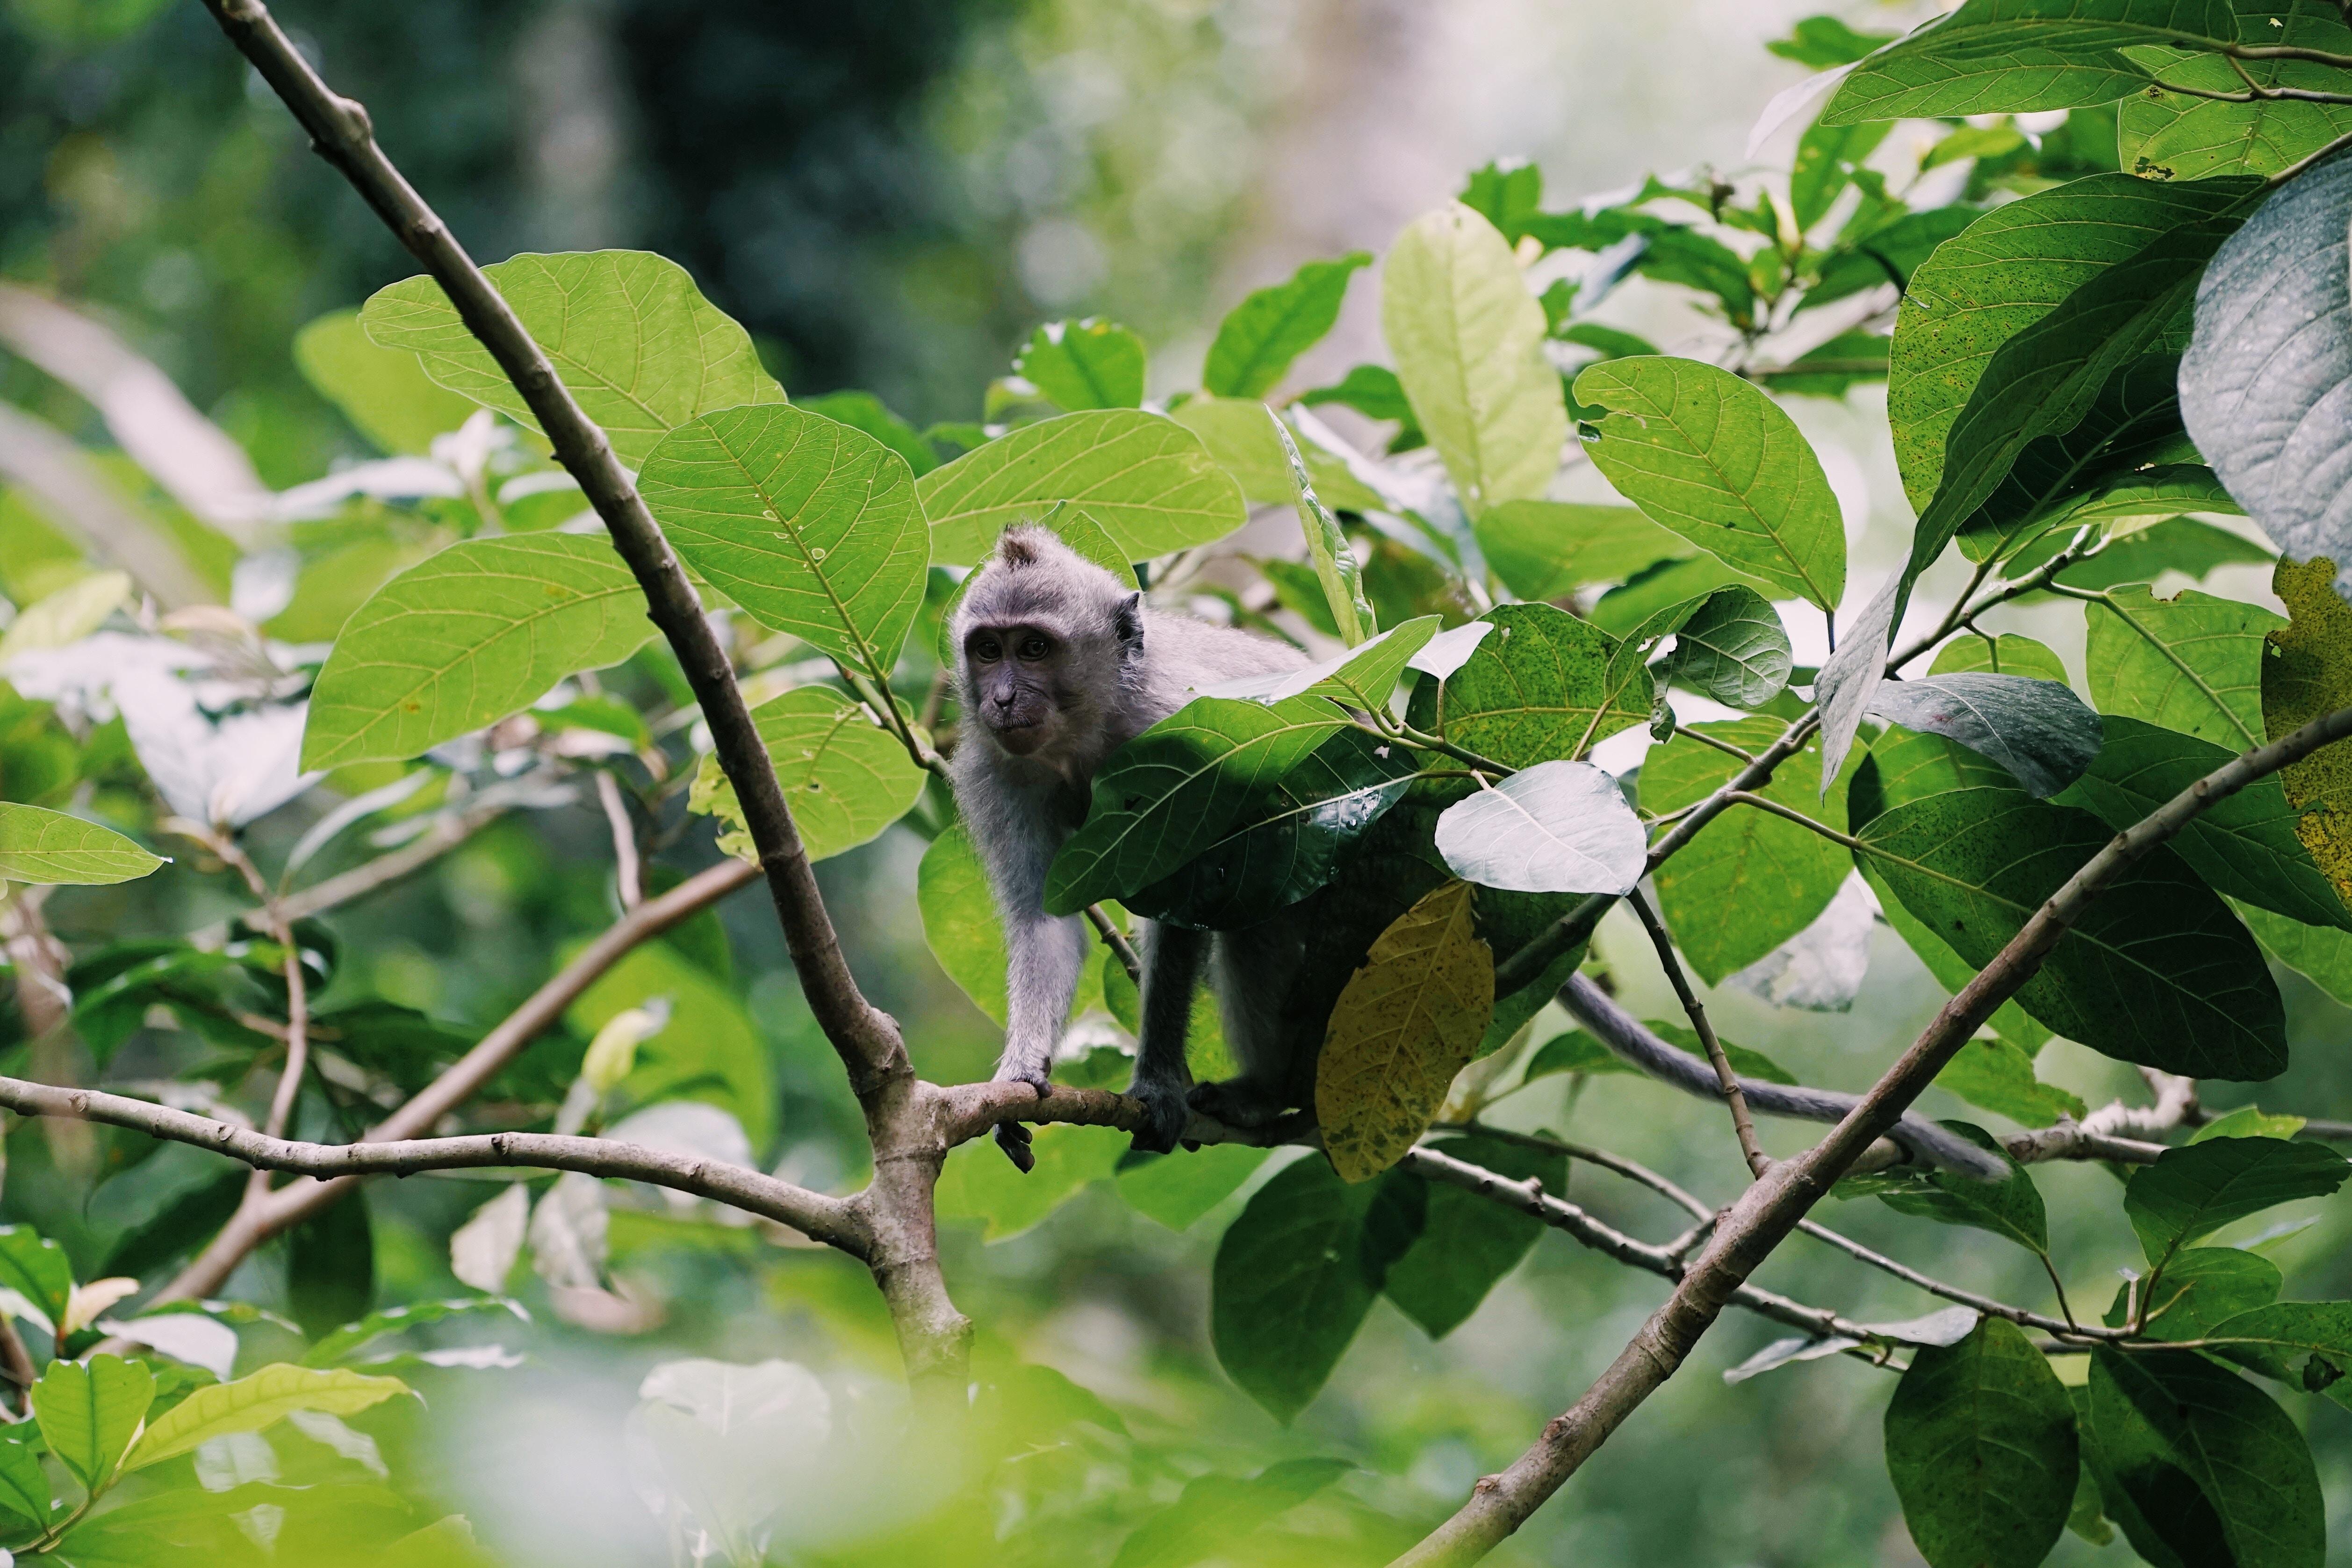 monkey on branch at daytime